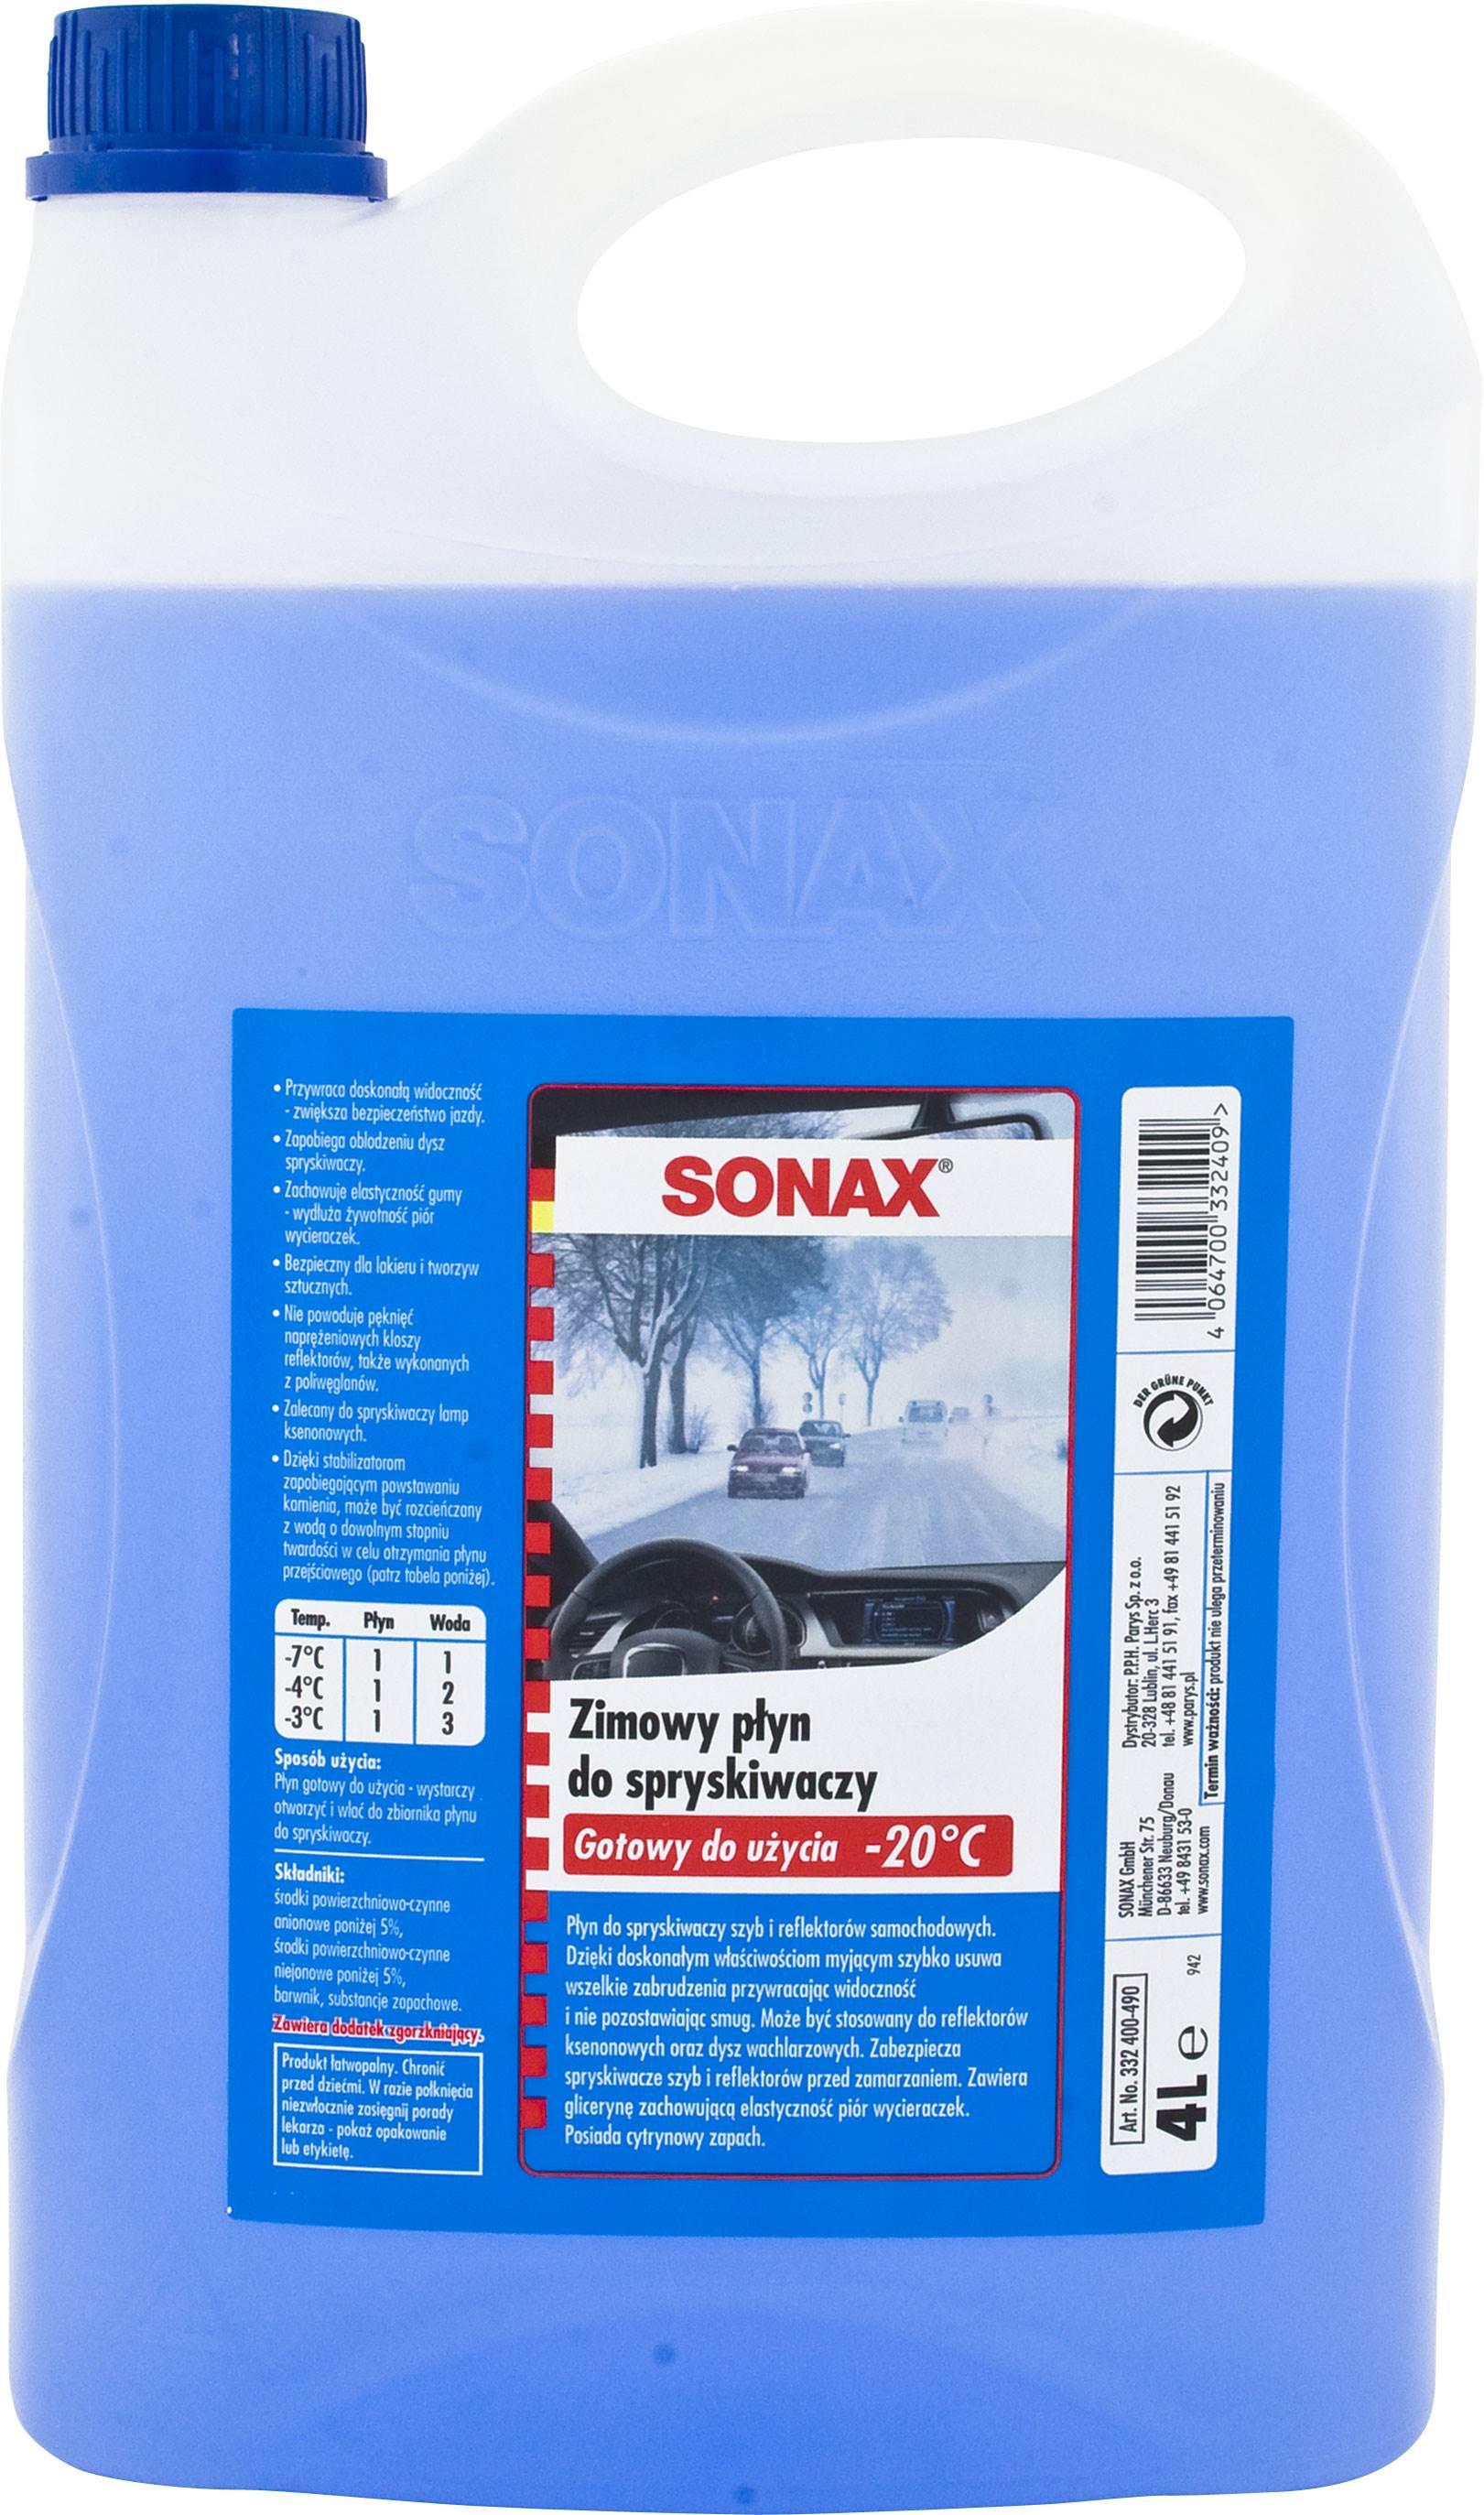 SONAX-PLYN DO SPRYSKIWACZY 4L -20 ZIMOWY